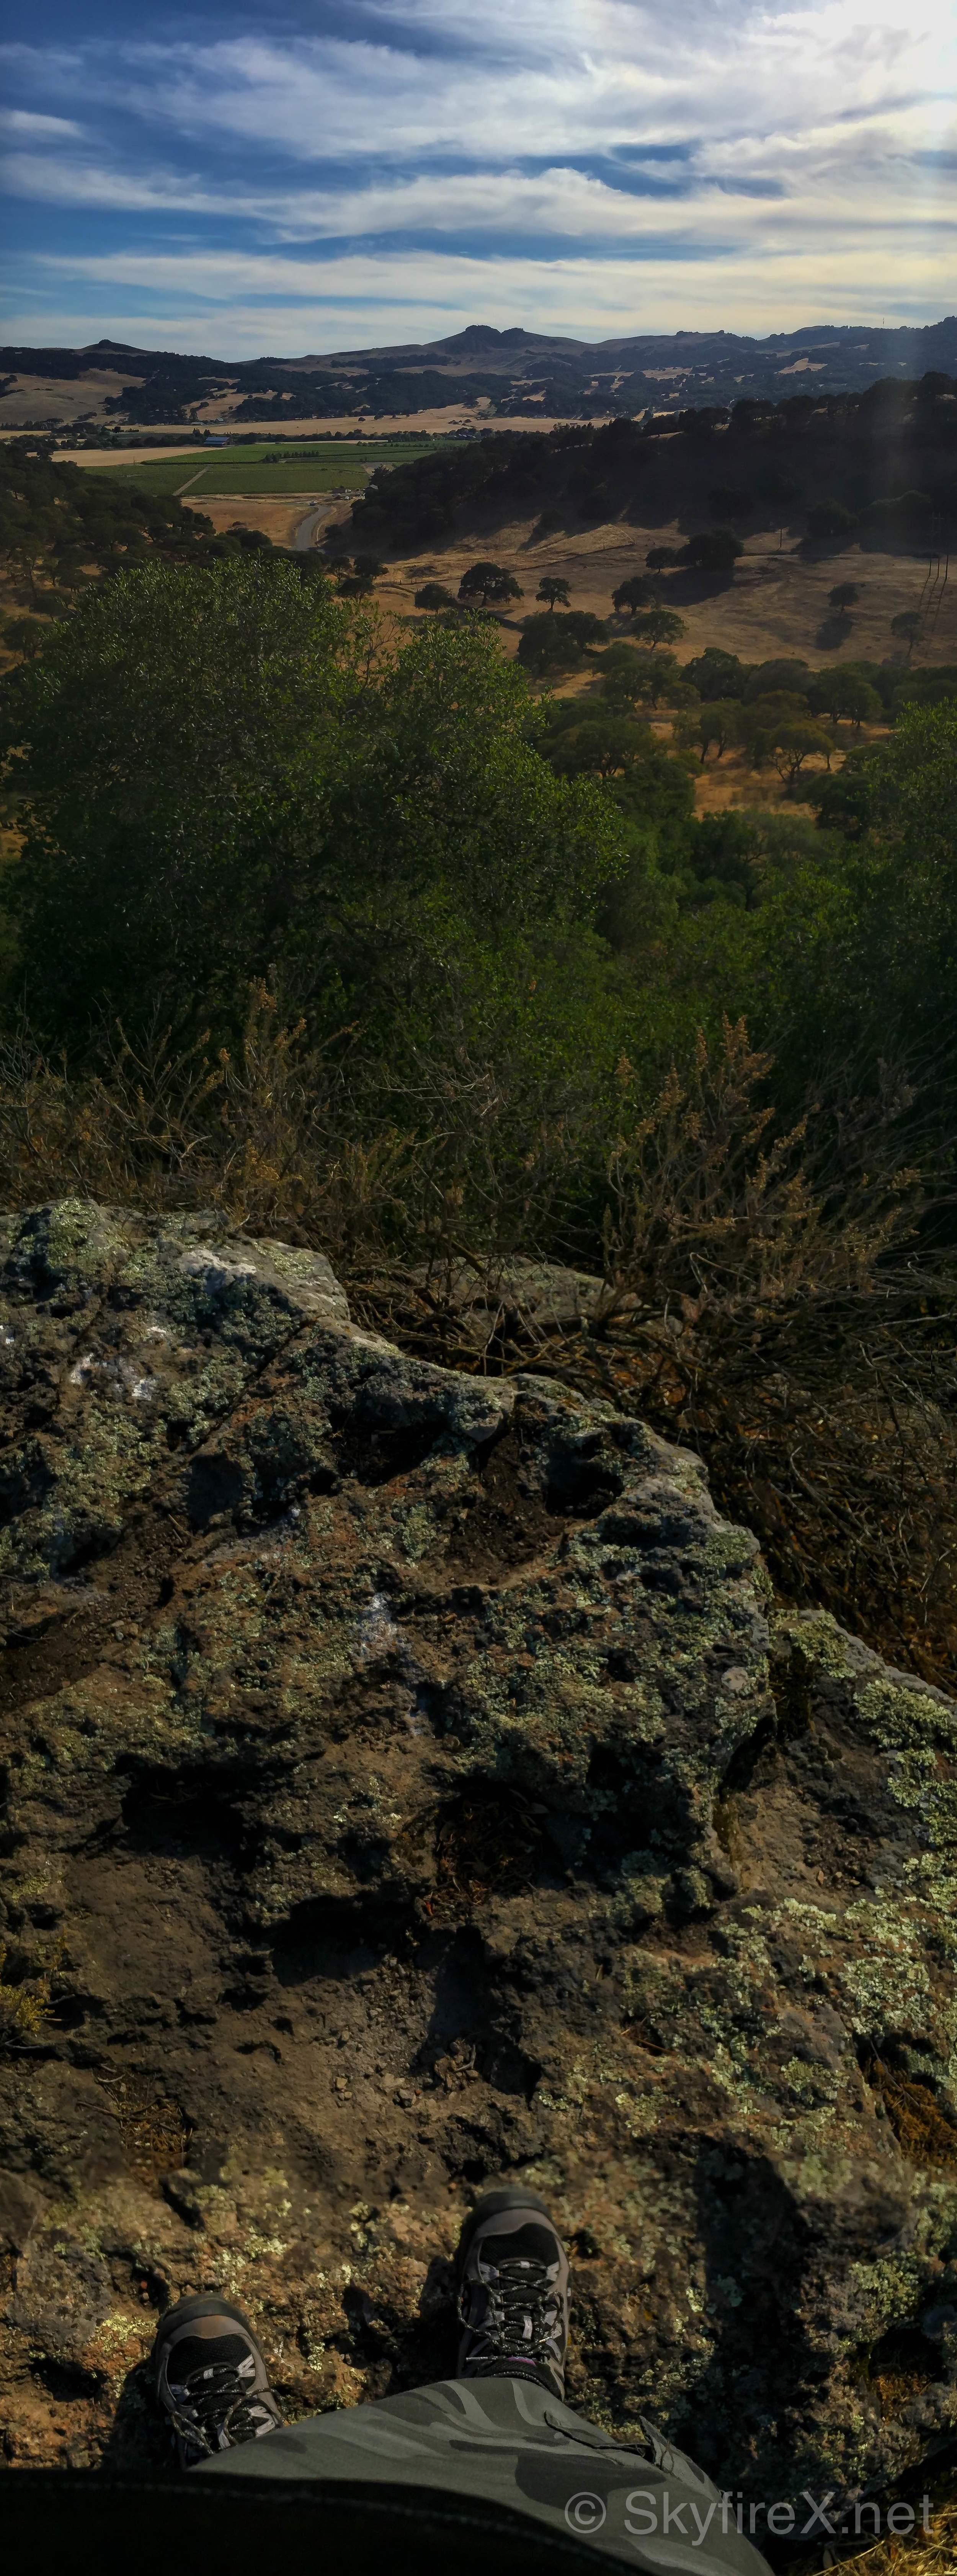 footsie-selfie-cliffs-rockville-fairfield